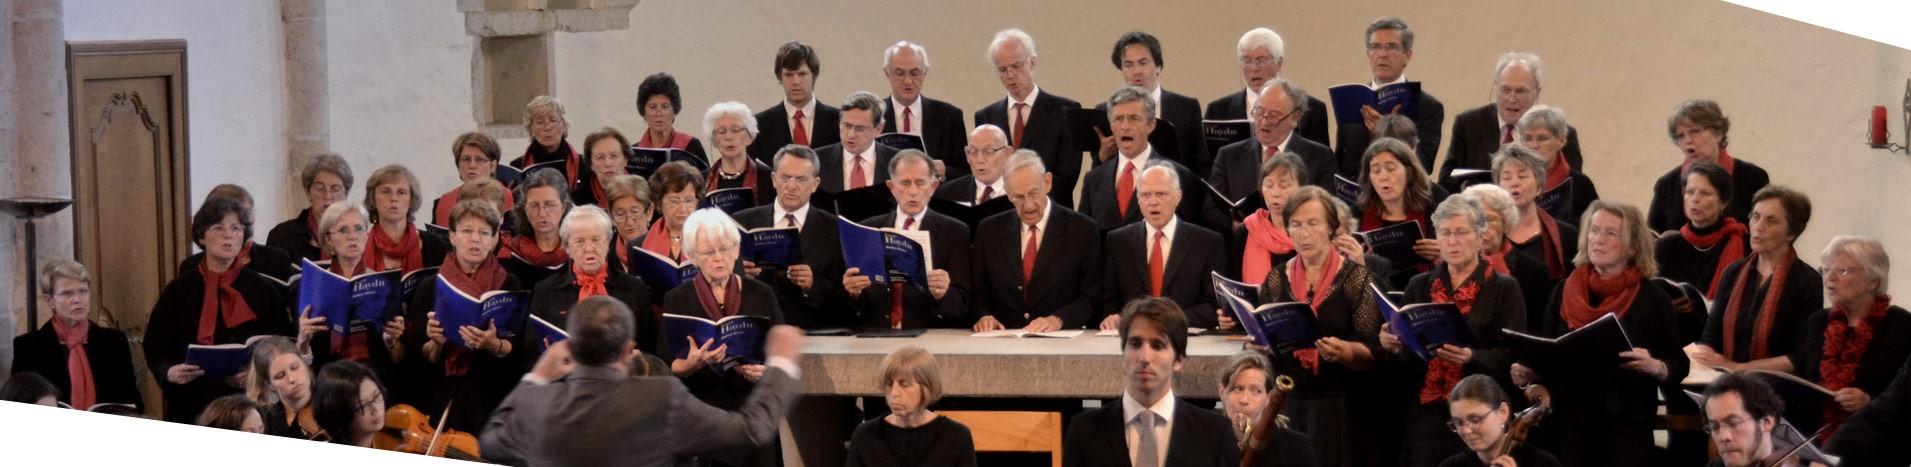 Chorale des Concerts de Tourinnes-la-Grosse